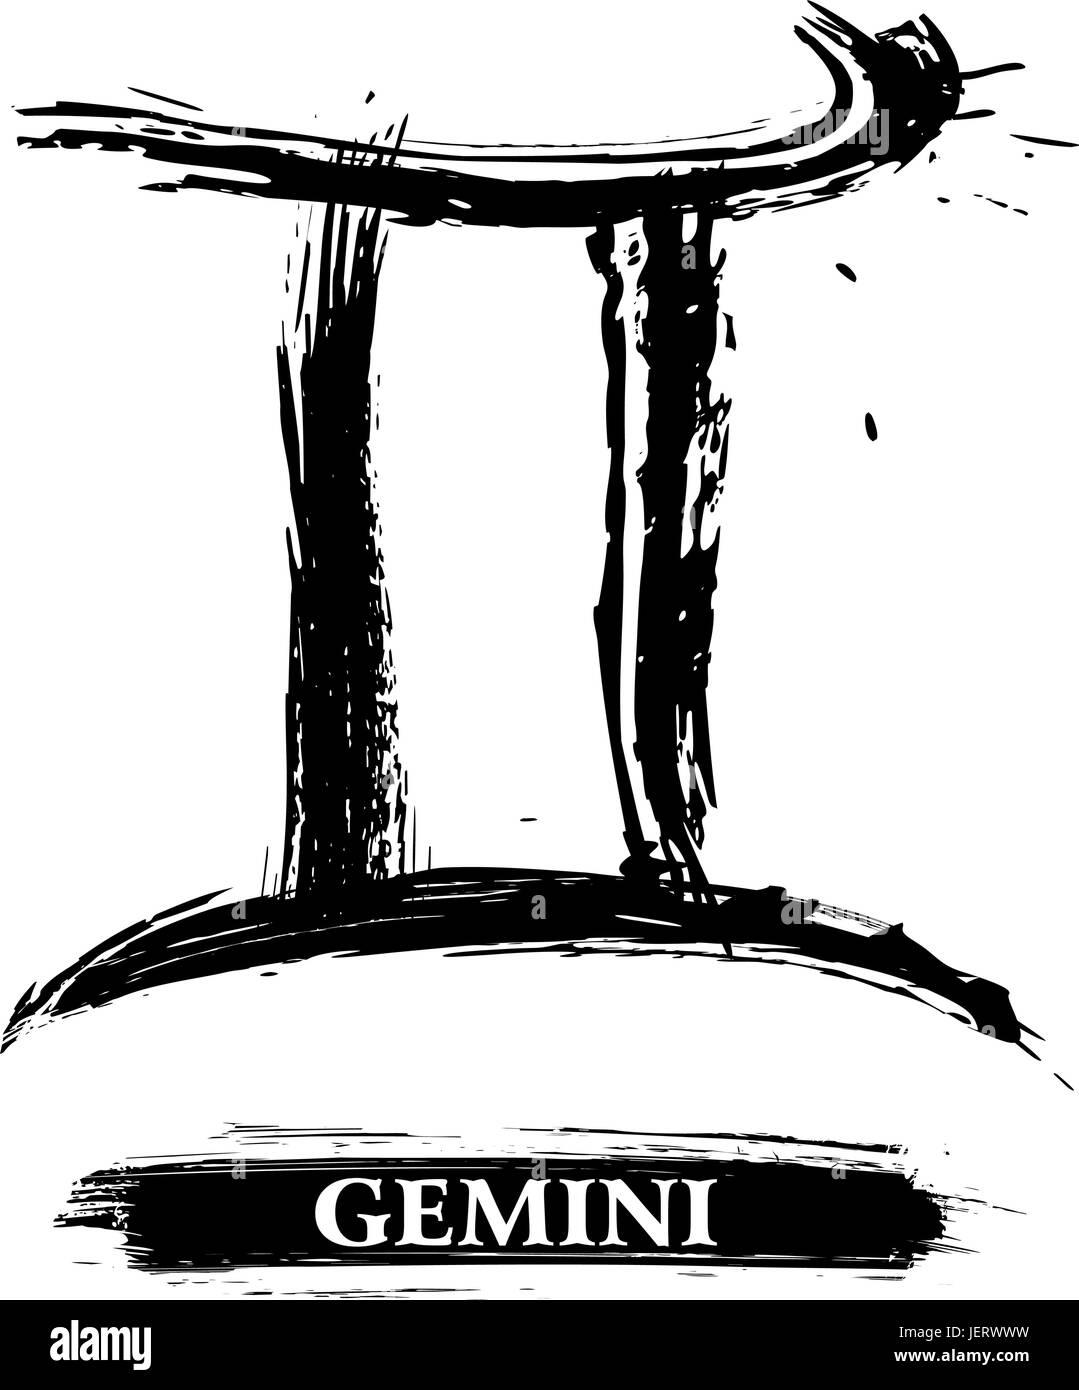 Astrology twins zodiac horoscope sign gemini pictogram astrology twins zodiac horoscope sign gemini pictogram symbol buycottarizona